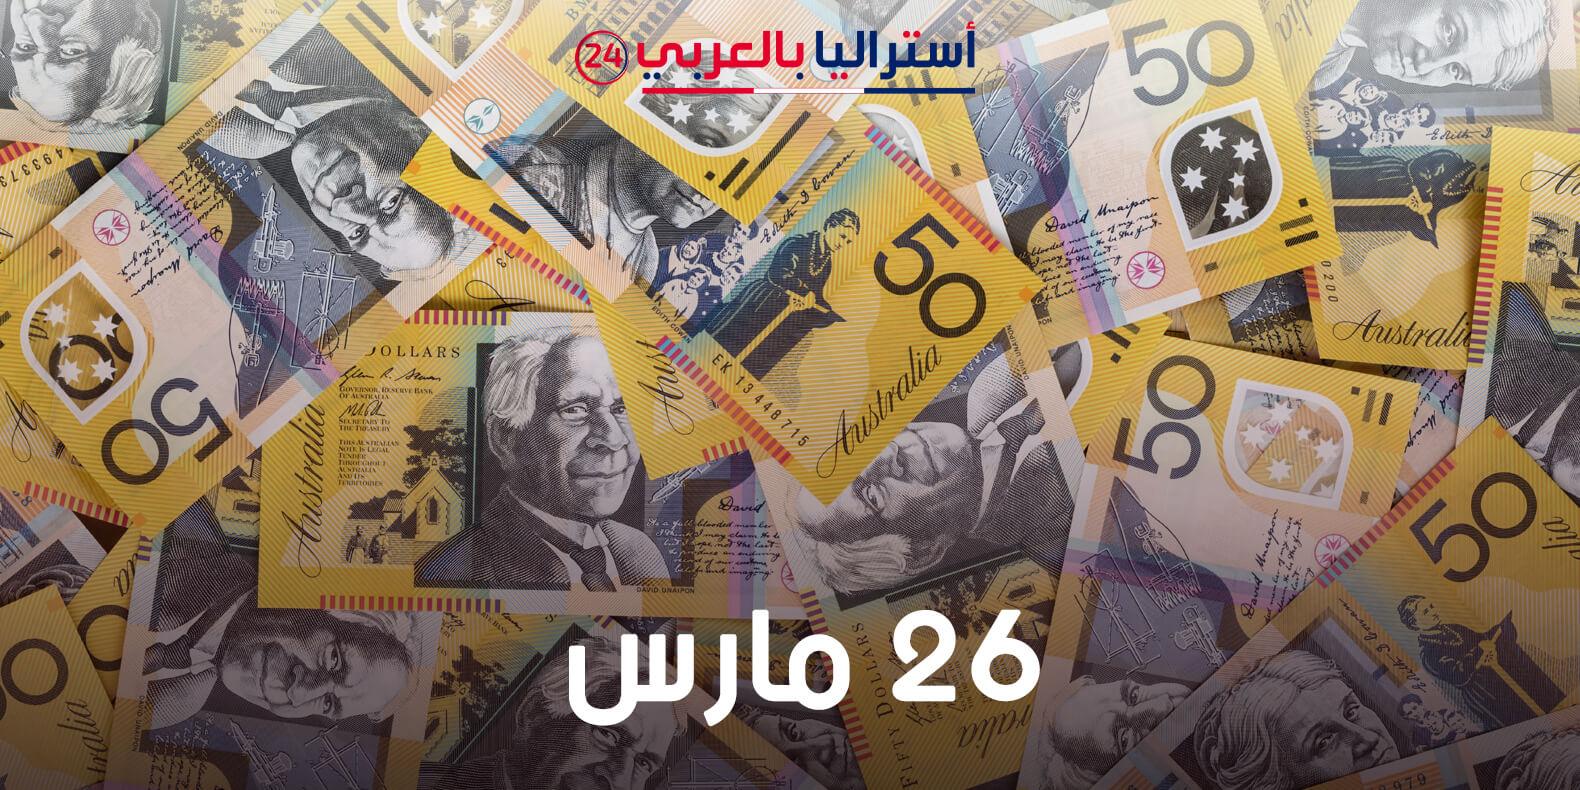 سعر الدولار الاسترالي مقابل العملات العالمية والعربية اليوم 26 مارس